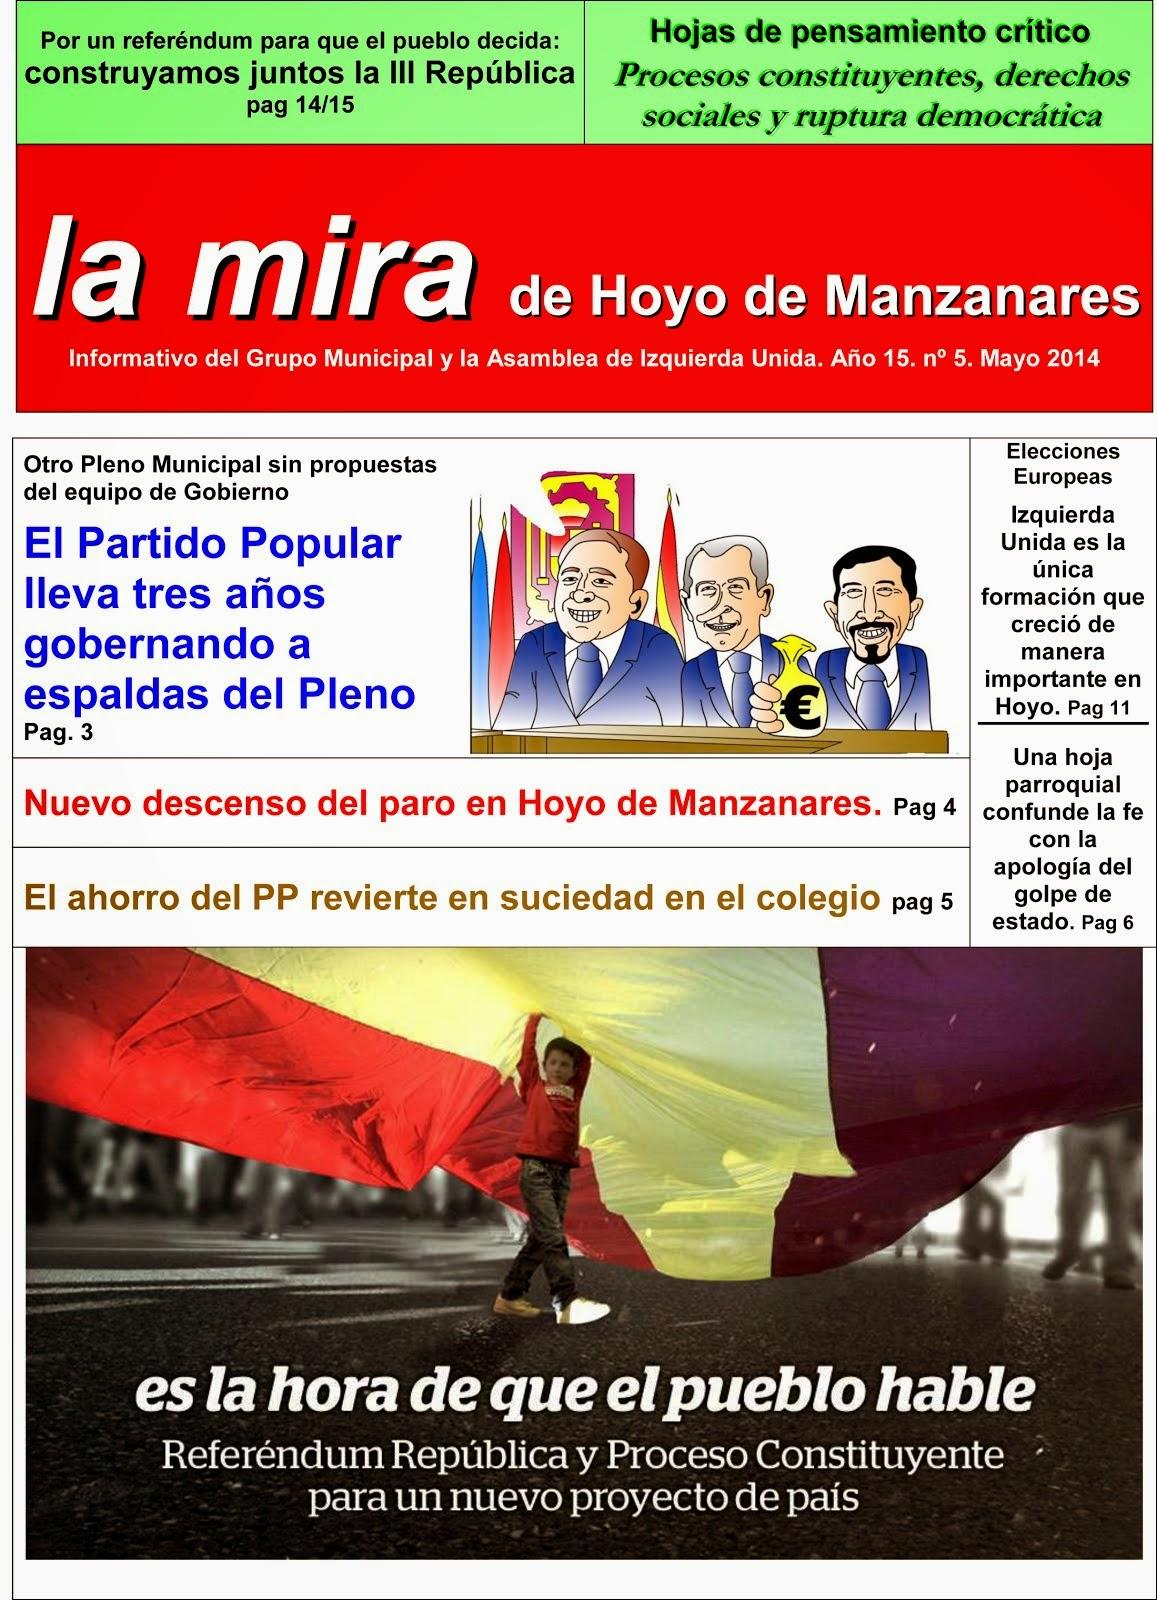 La mira de Hoyo de Hoyo de Manzanares. Mayo 2014